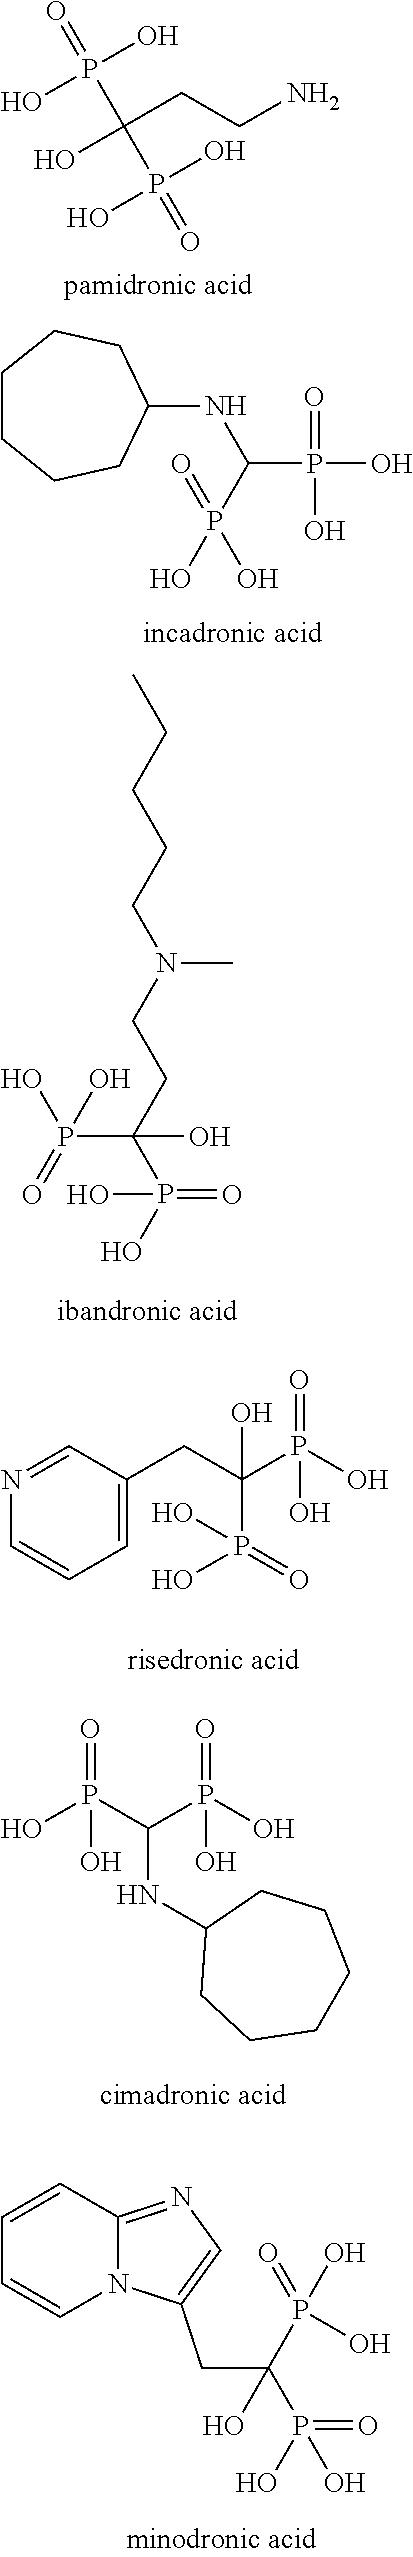 Figure US09901589-20180227-C00005